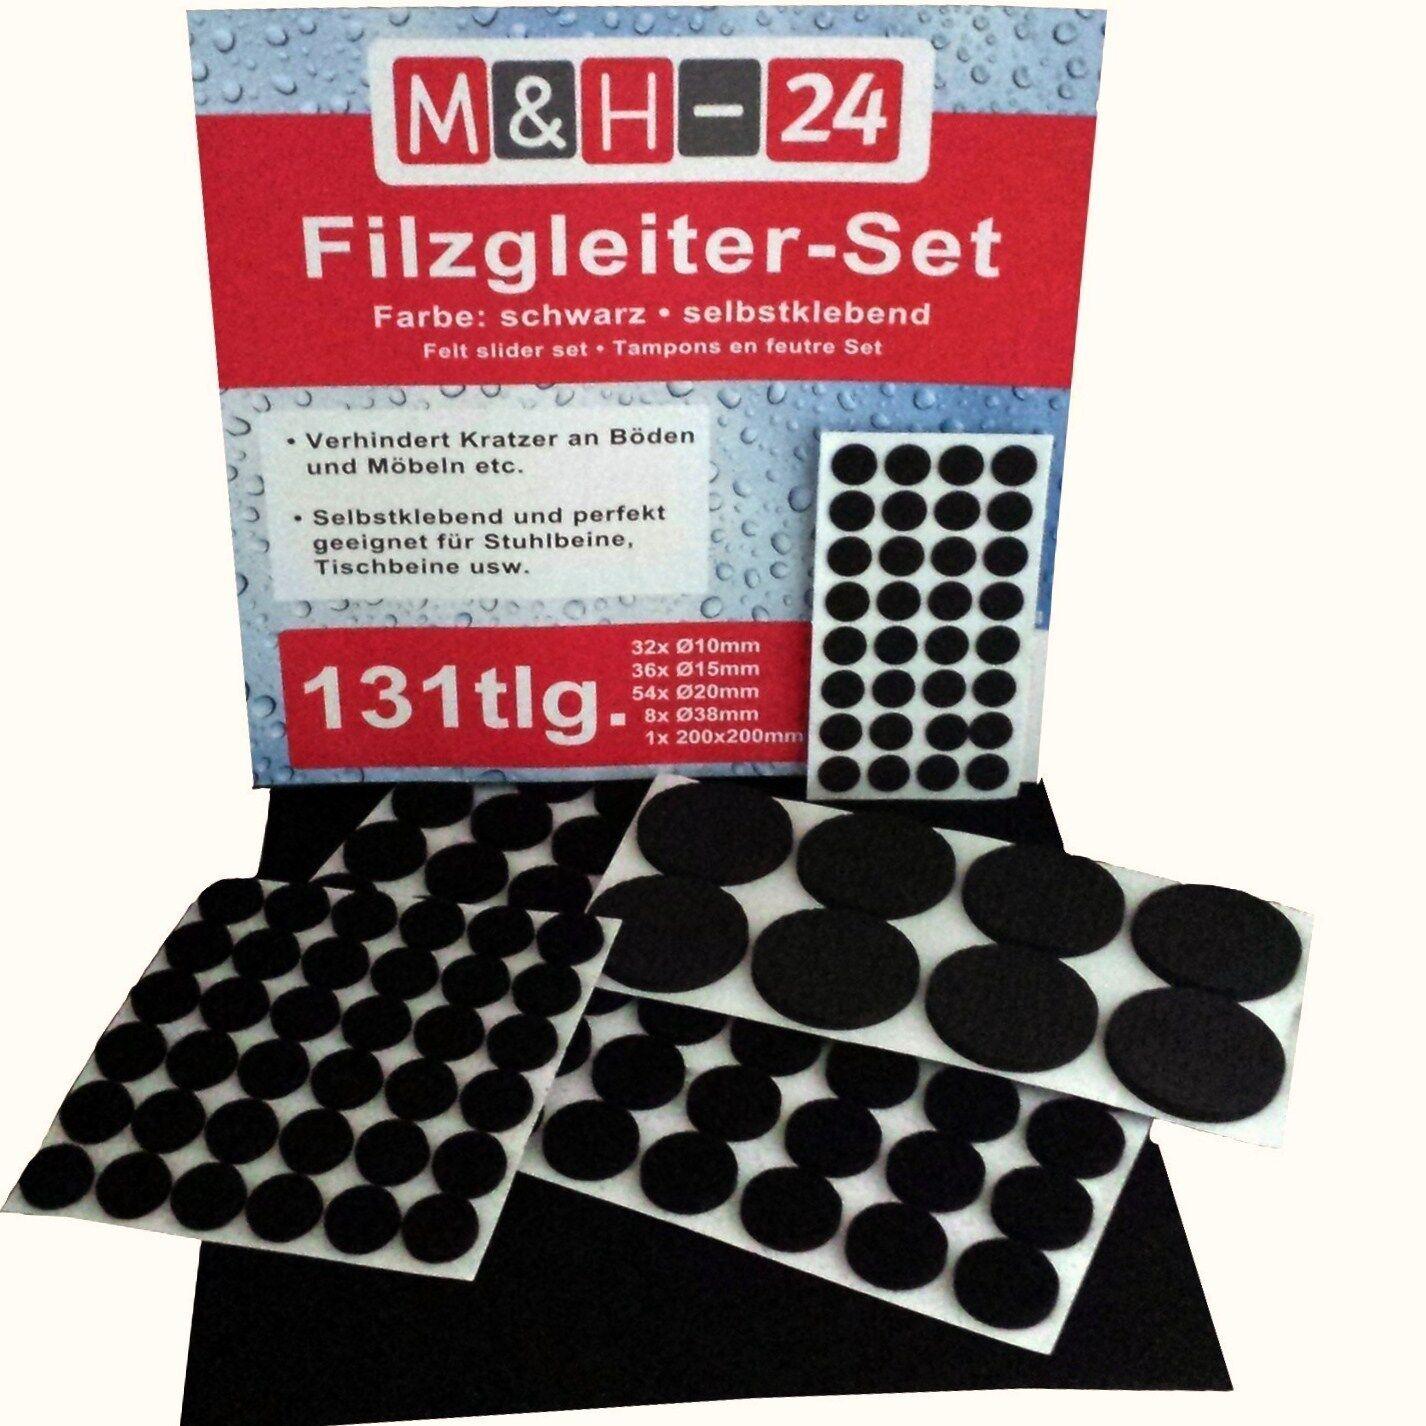 24 Filzgleiter zum schrauben rund Ø 24 mm Eisen Filz Möbelgleiter Parkettgleiter